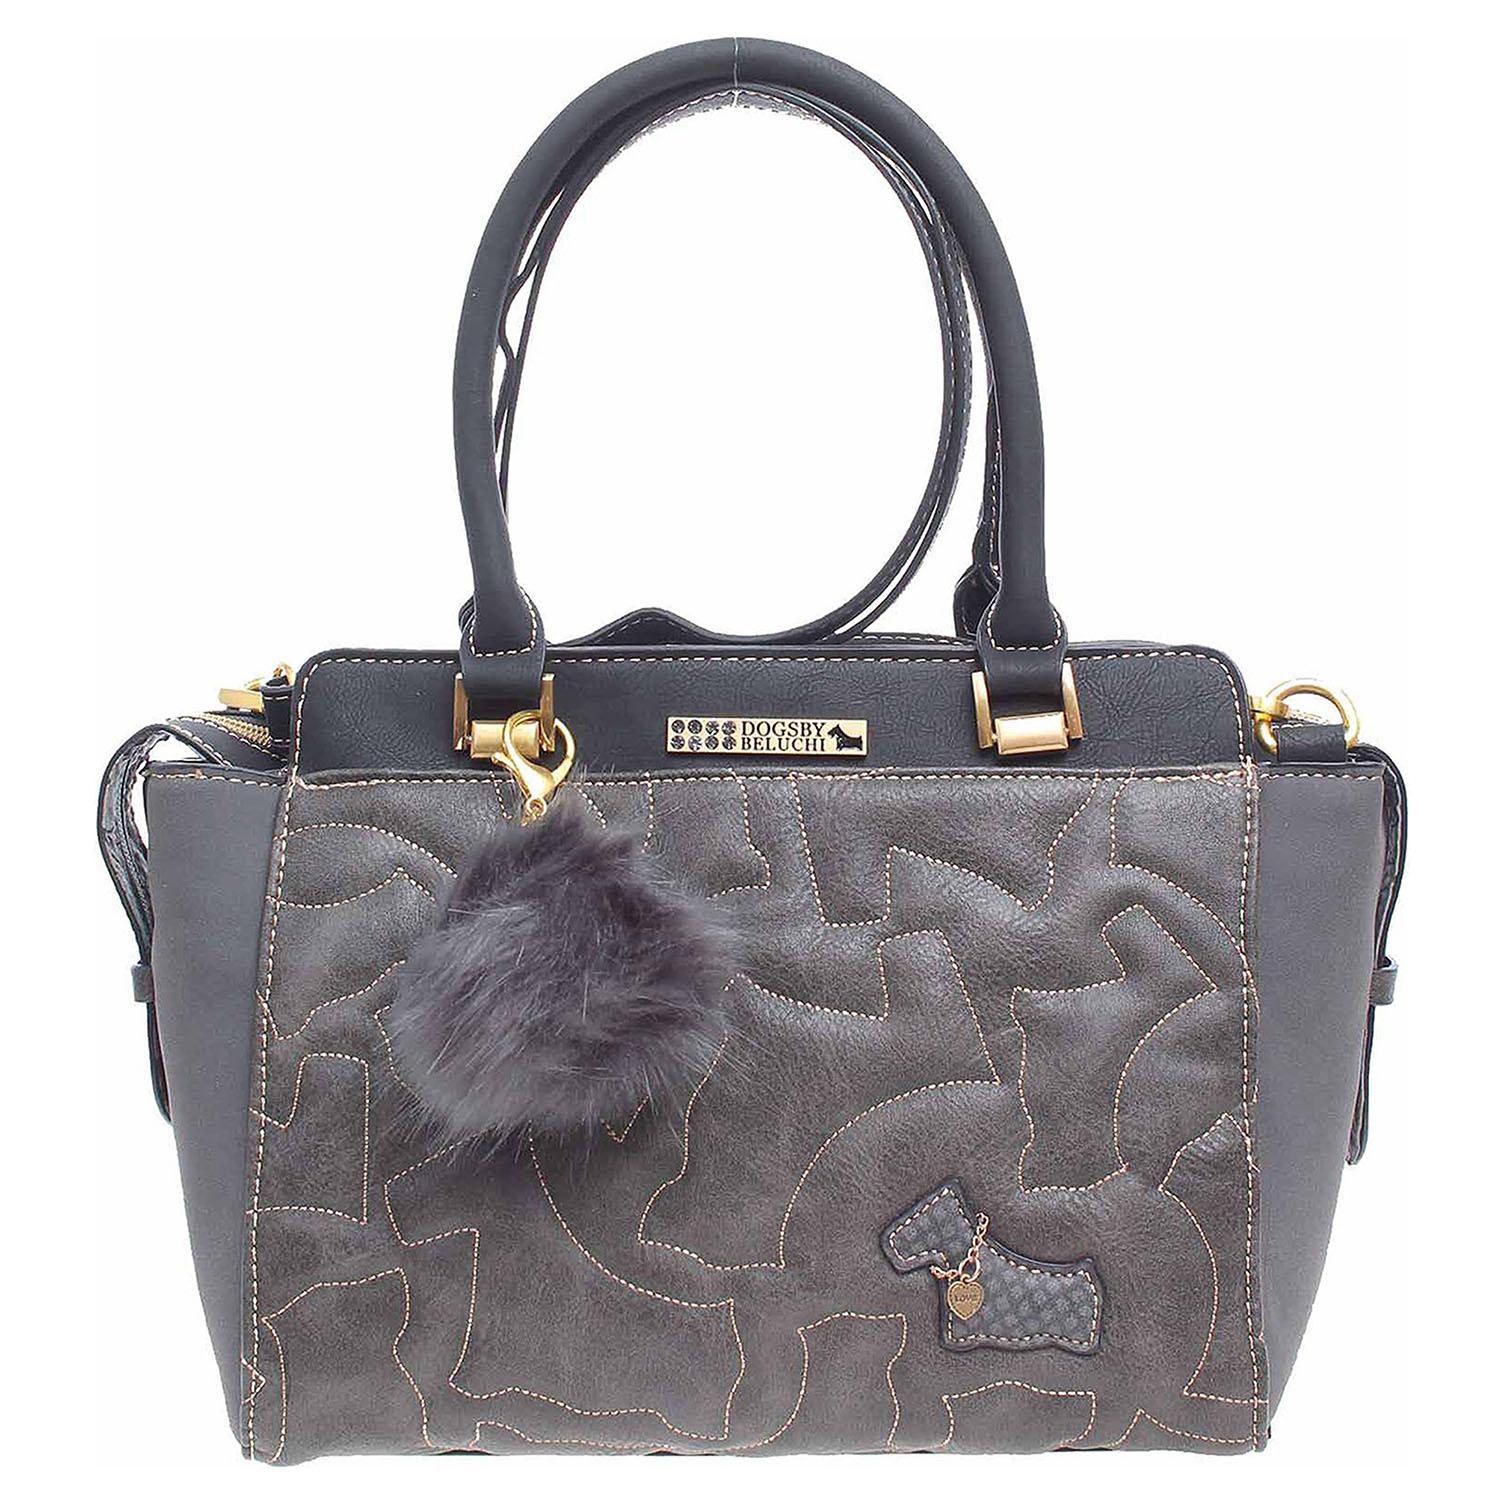 Dogsbybeluchi dámská kabelka 25411-1 negro 25411-1 negro 1